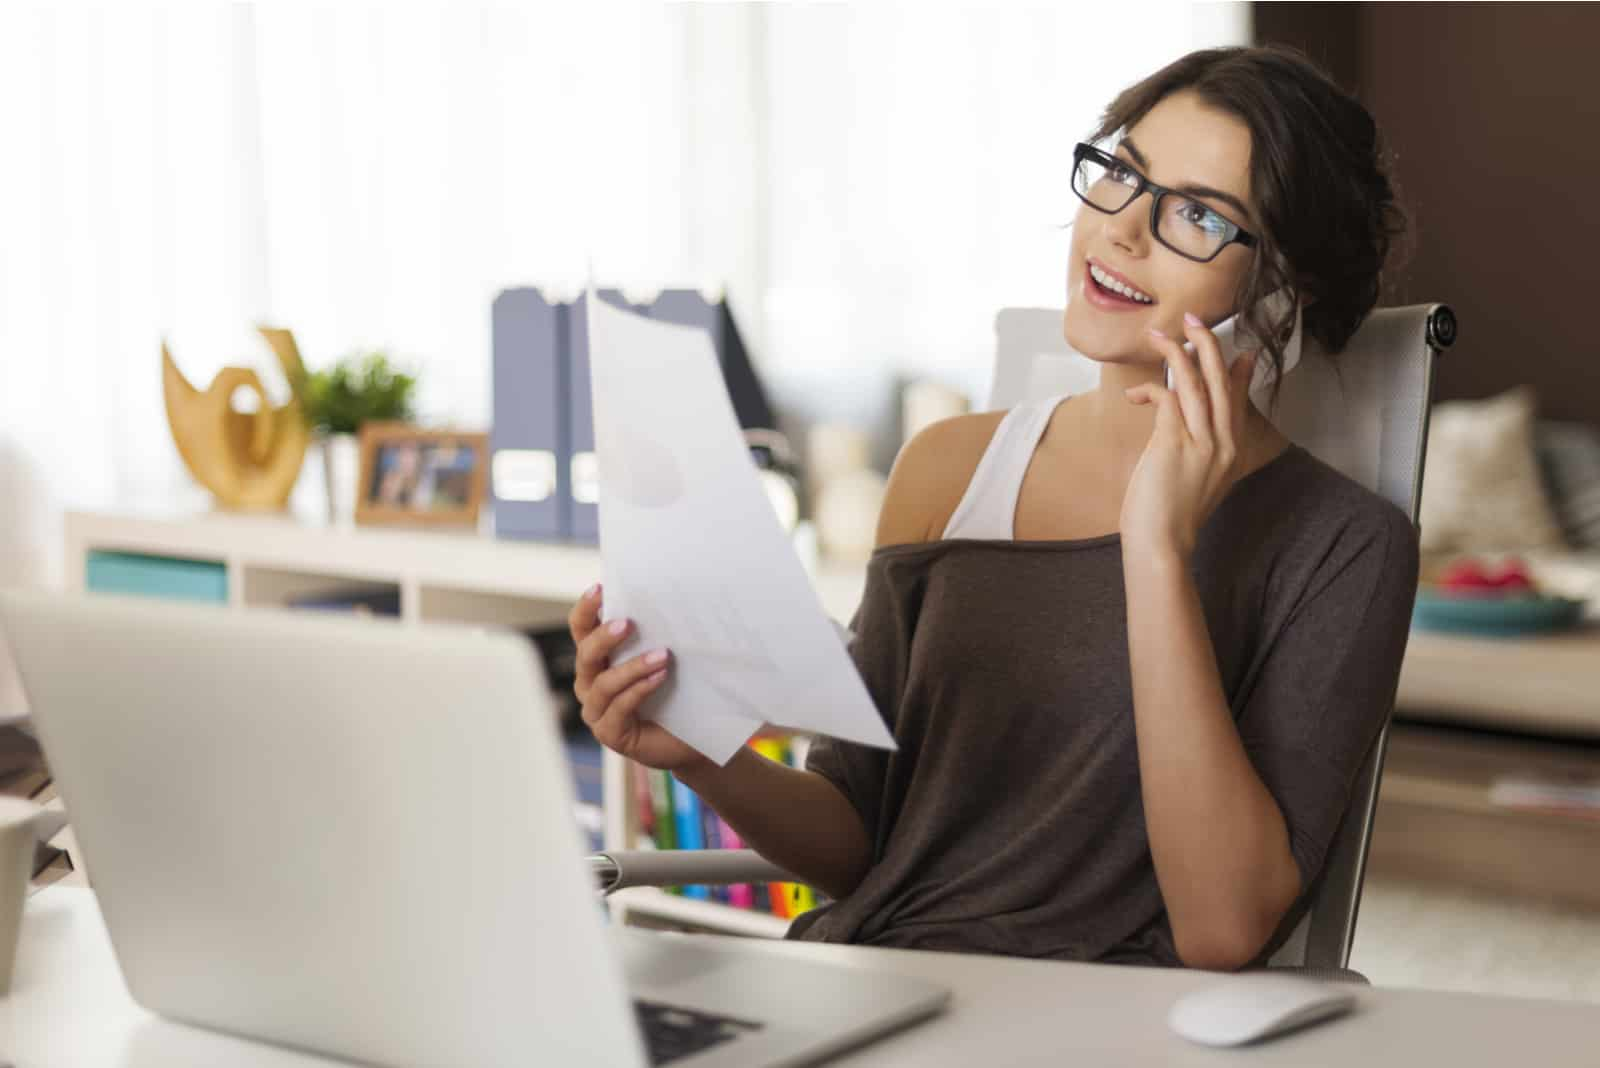 une femme aux cheveux noirs parlant au téléphone alors qu'elle était assise à une table